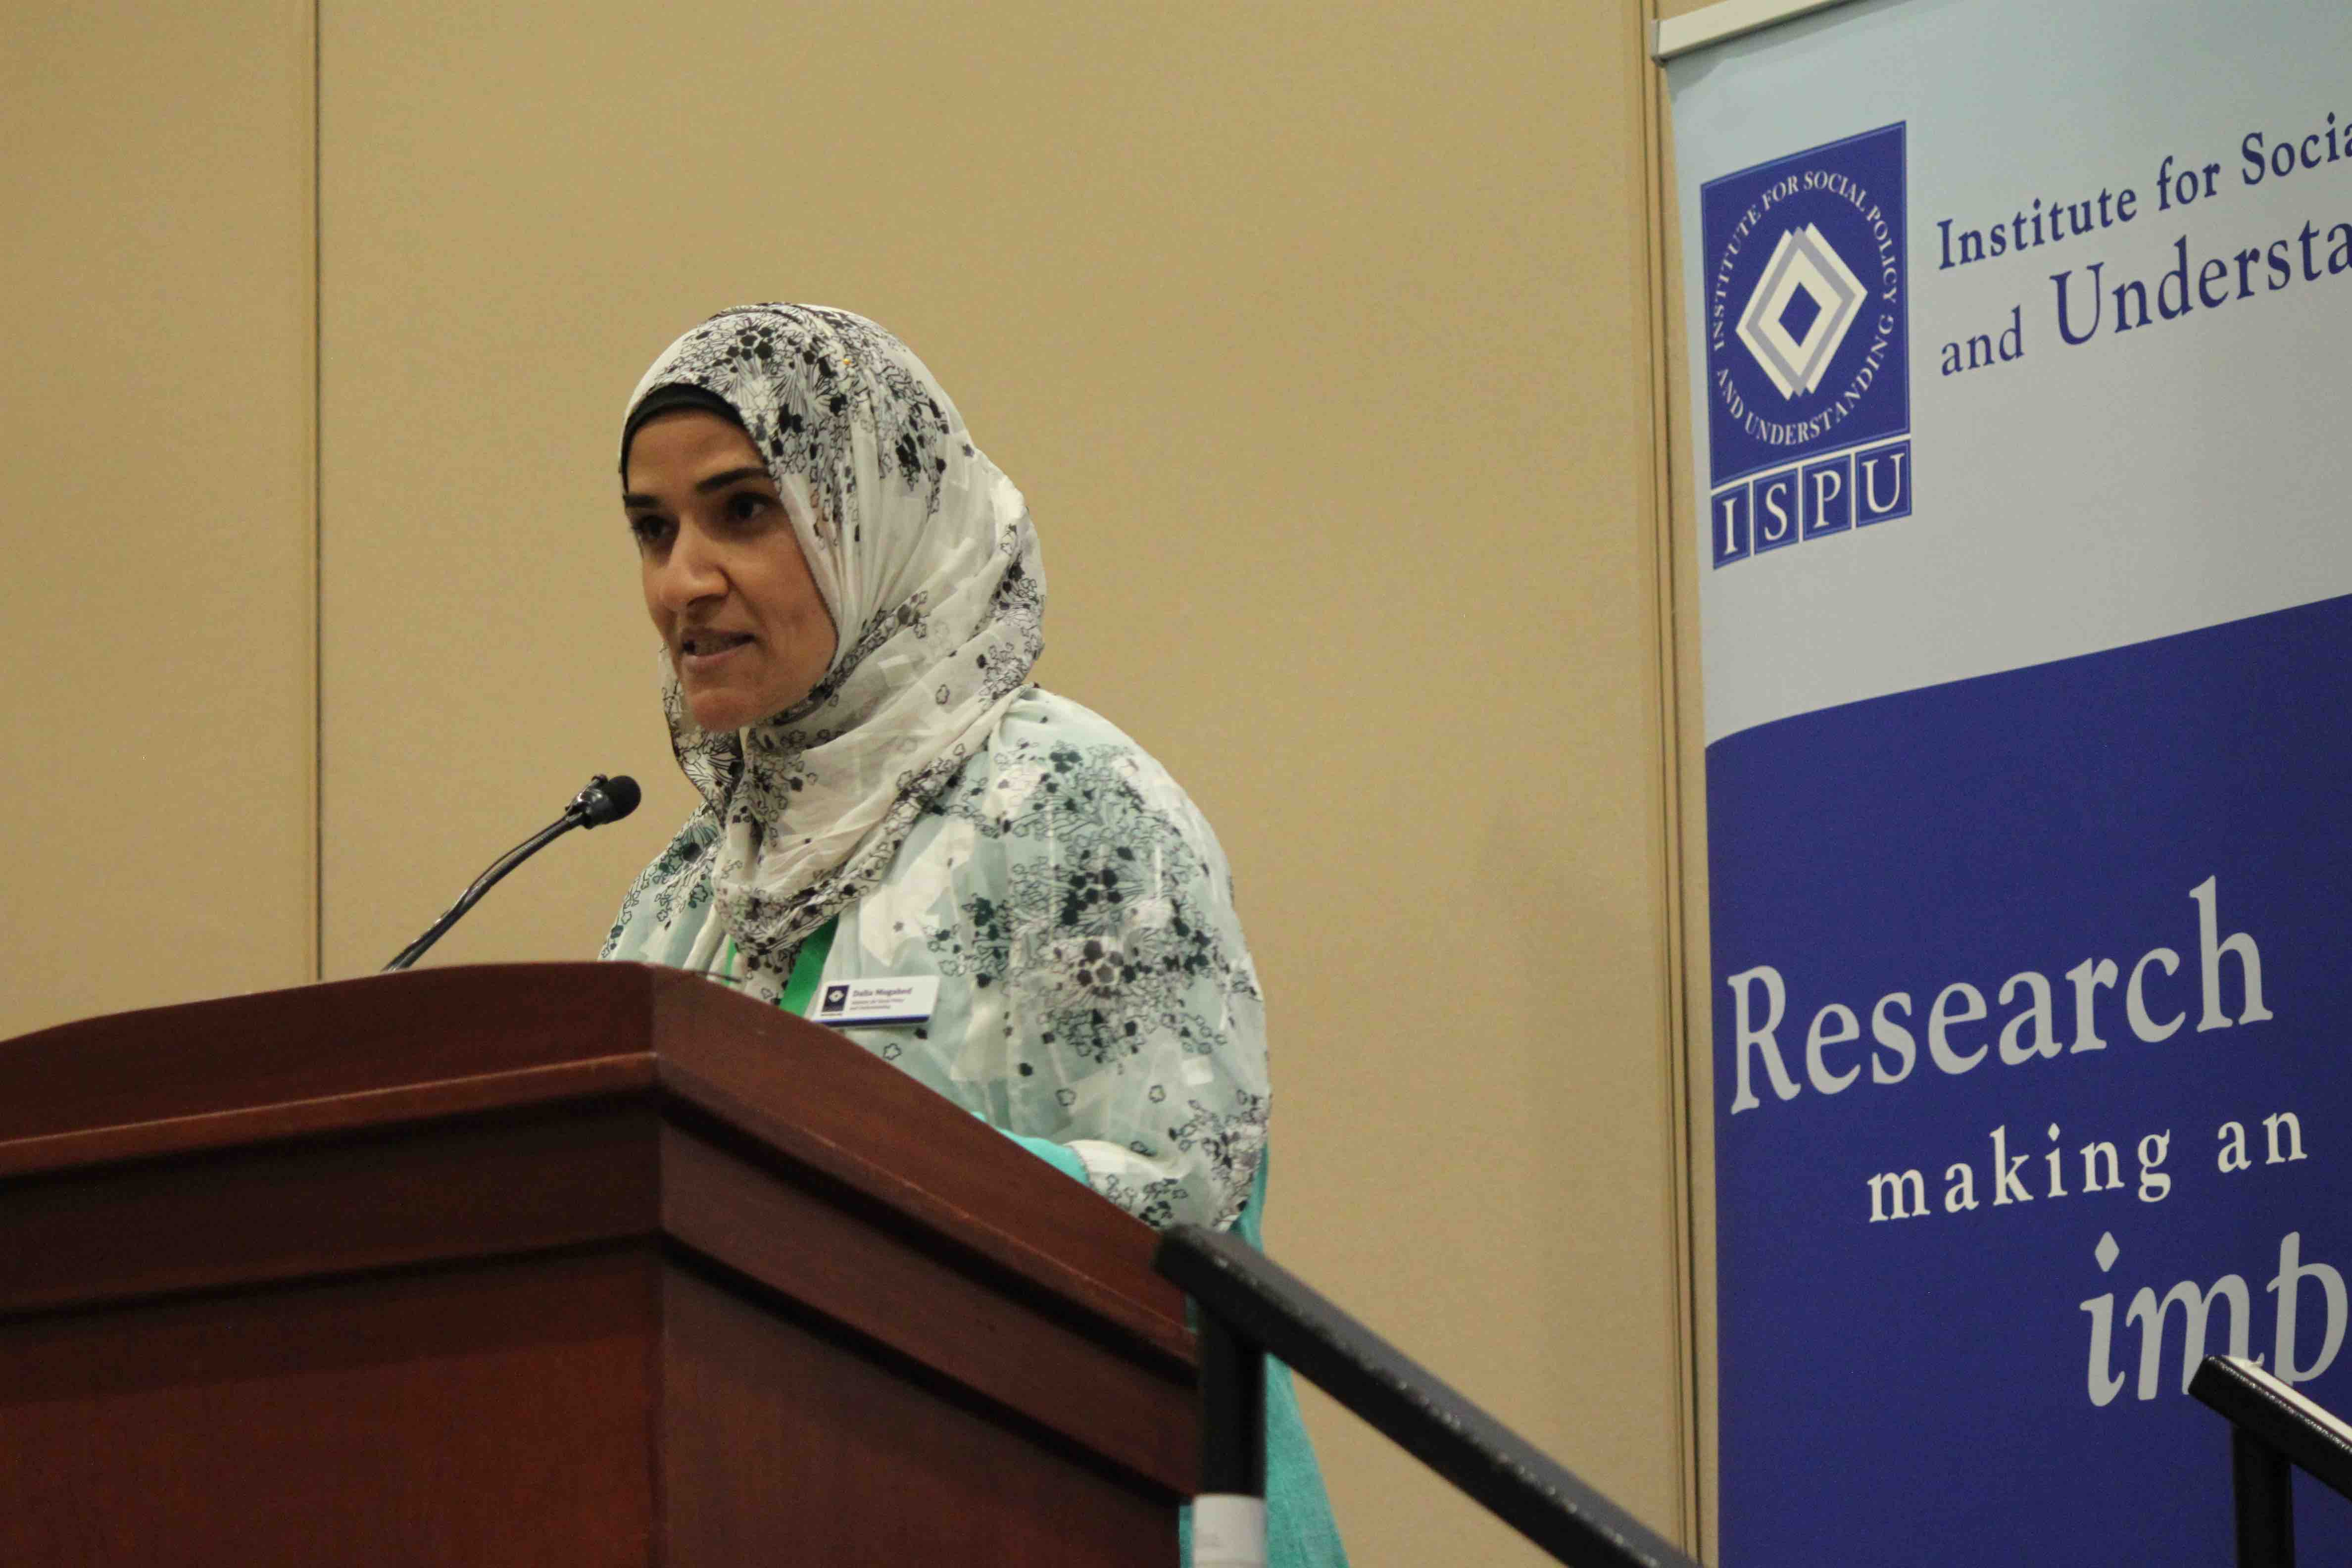 Dalia Mogahed speaking at a podium